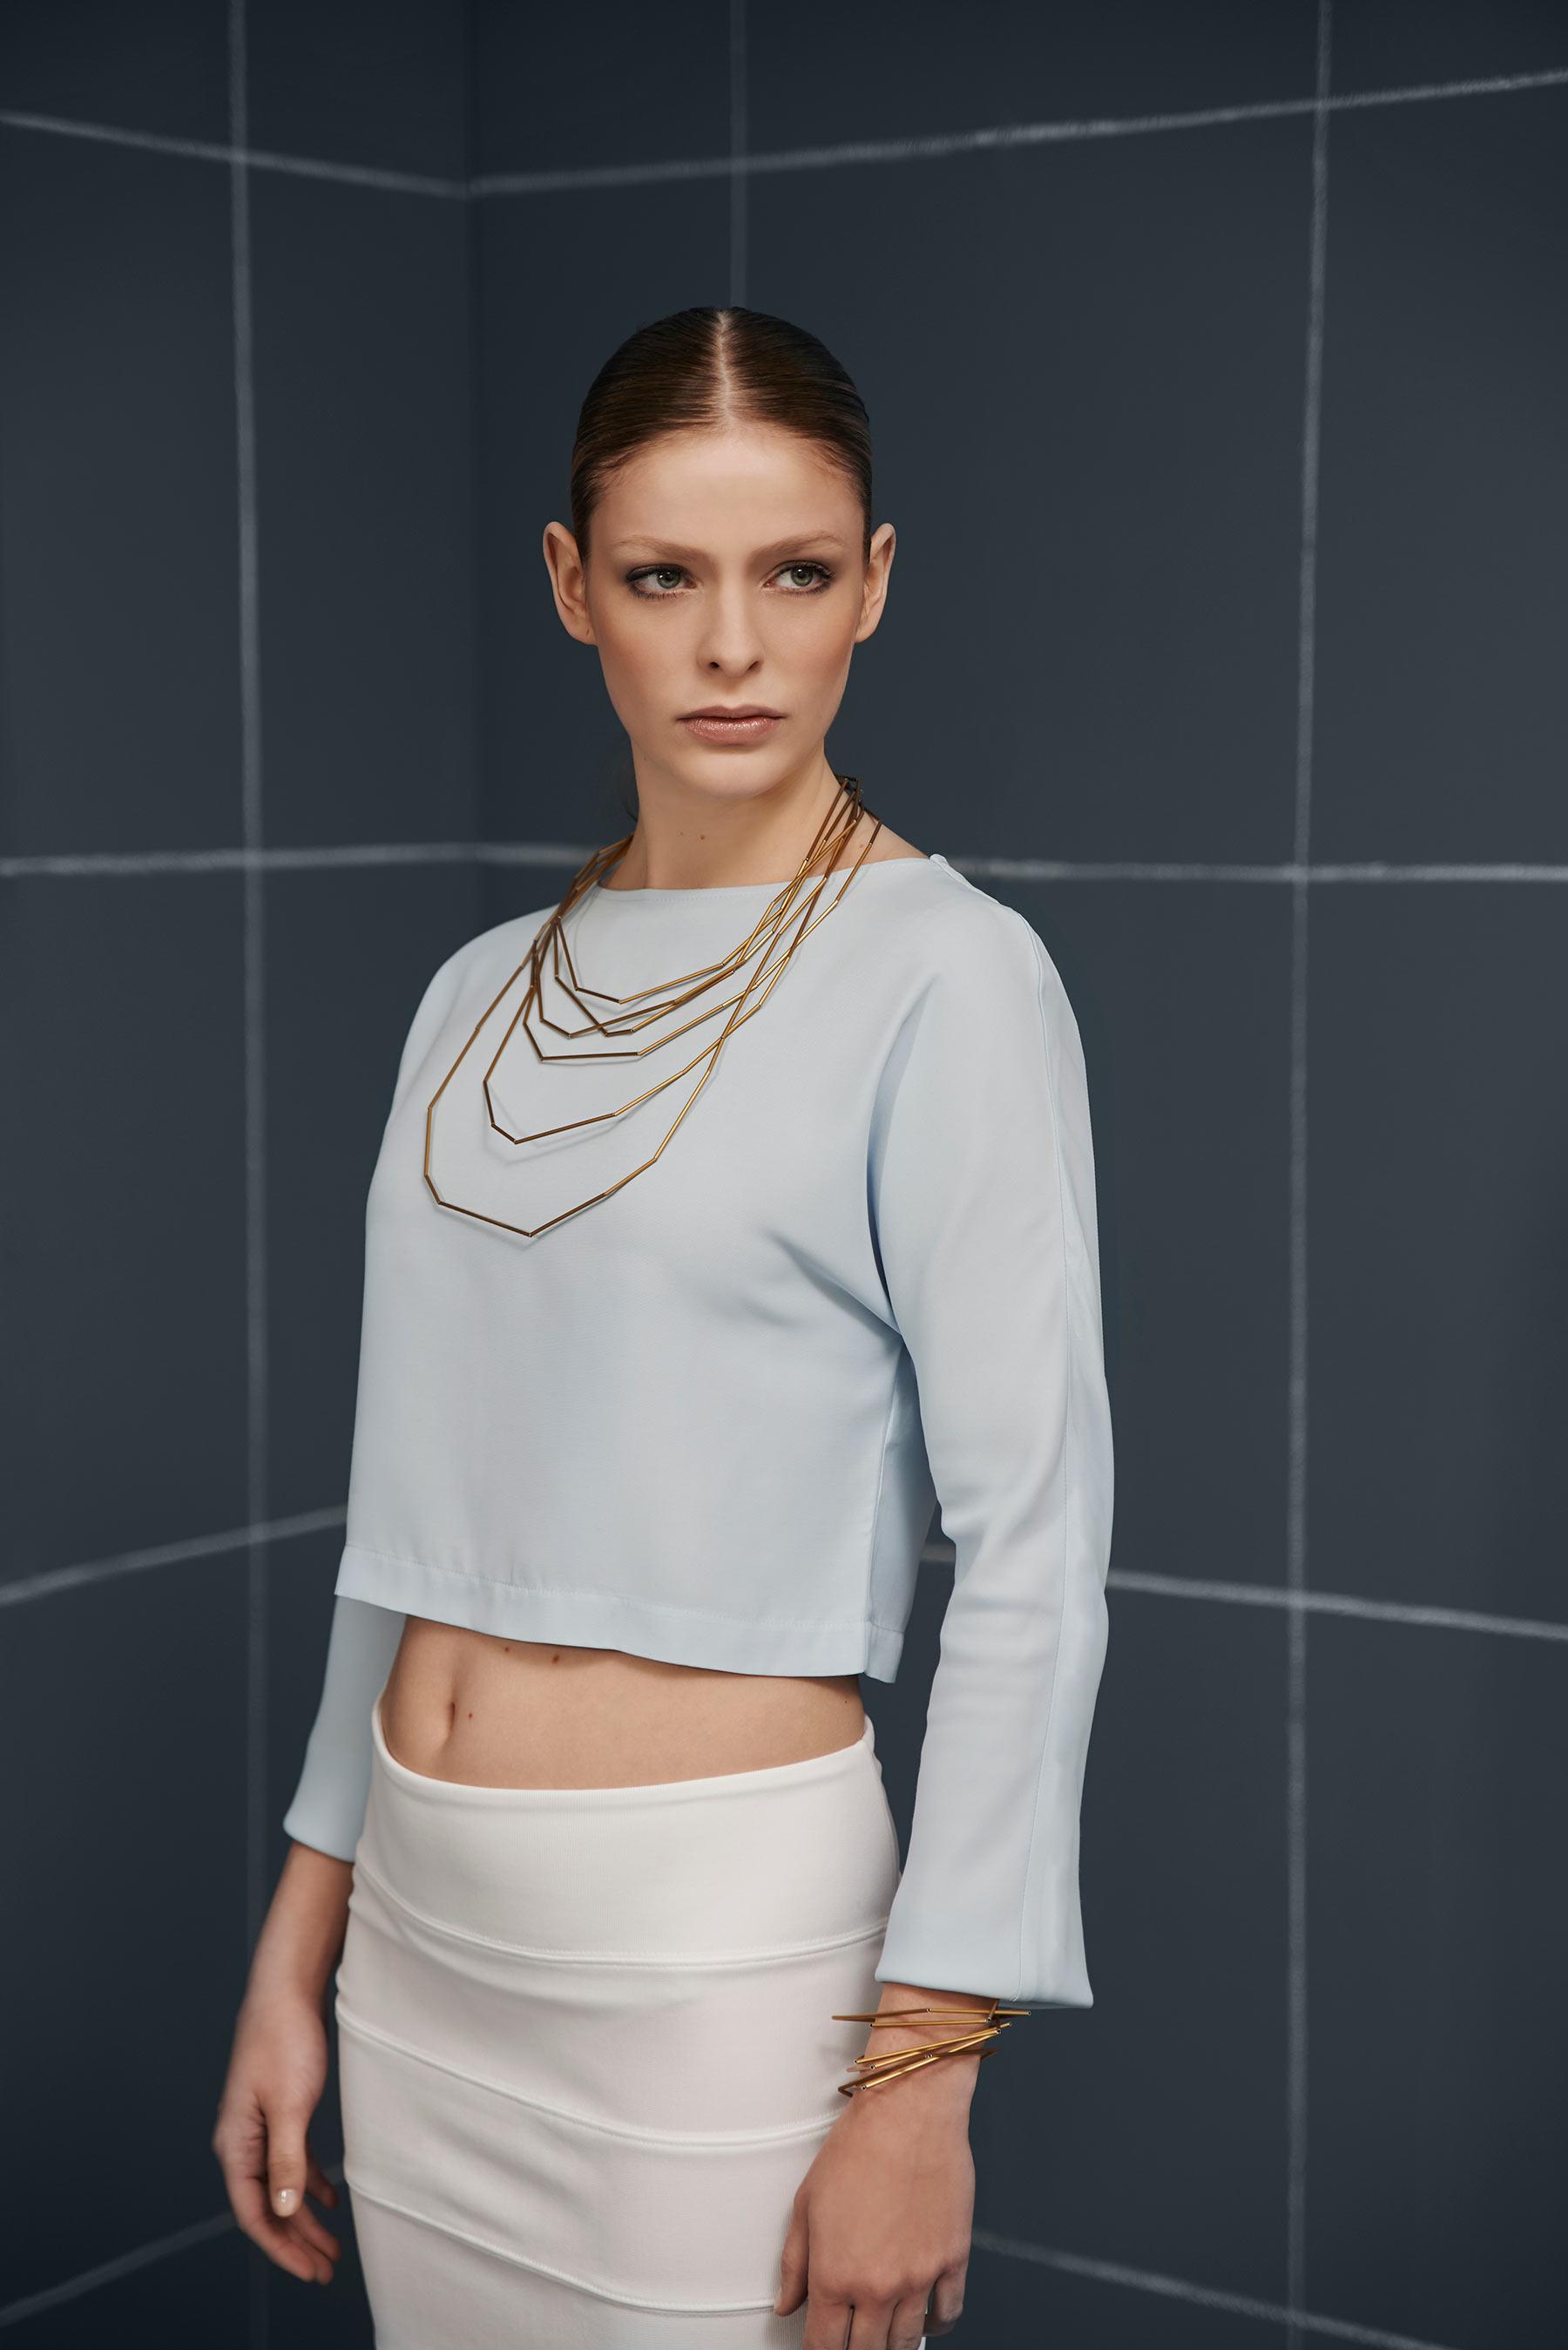 Sofia Beilharz 2014.03.06-people-jewellery-beilharz4377